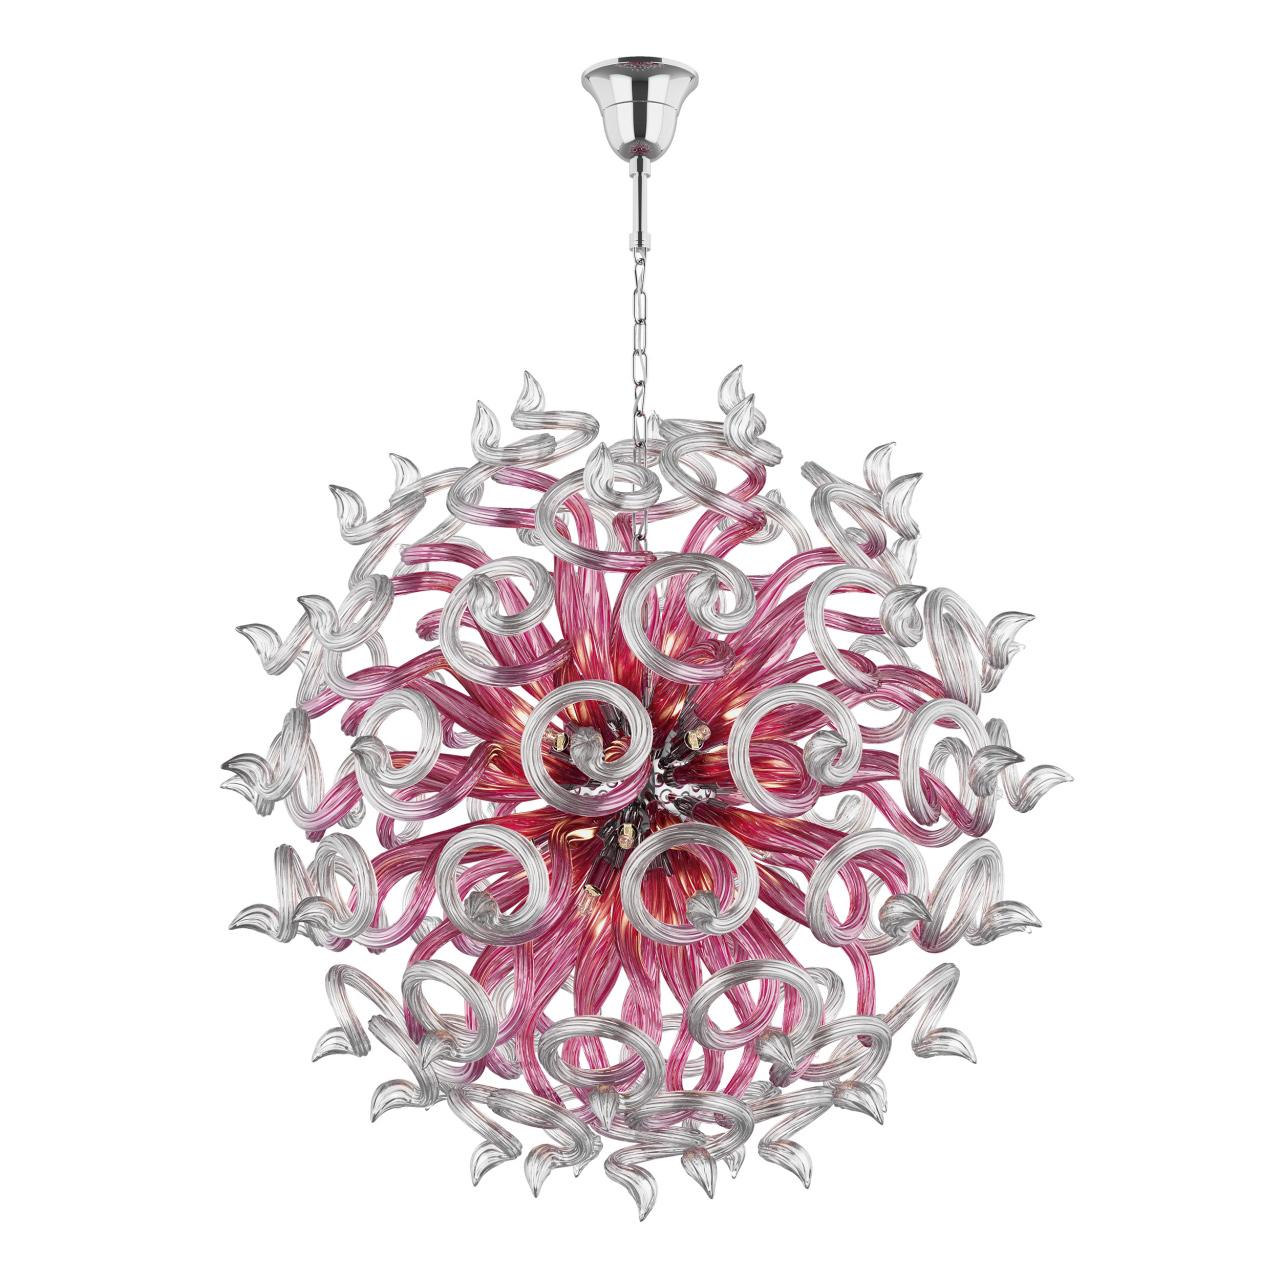 Люстра подвесная Medusa 18x40W G9 розовый Lightstar 890182